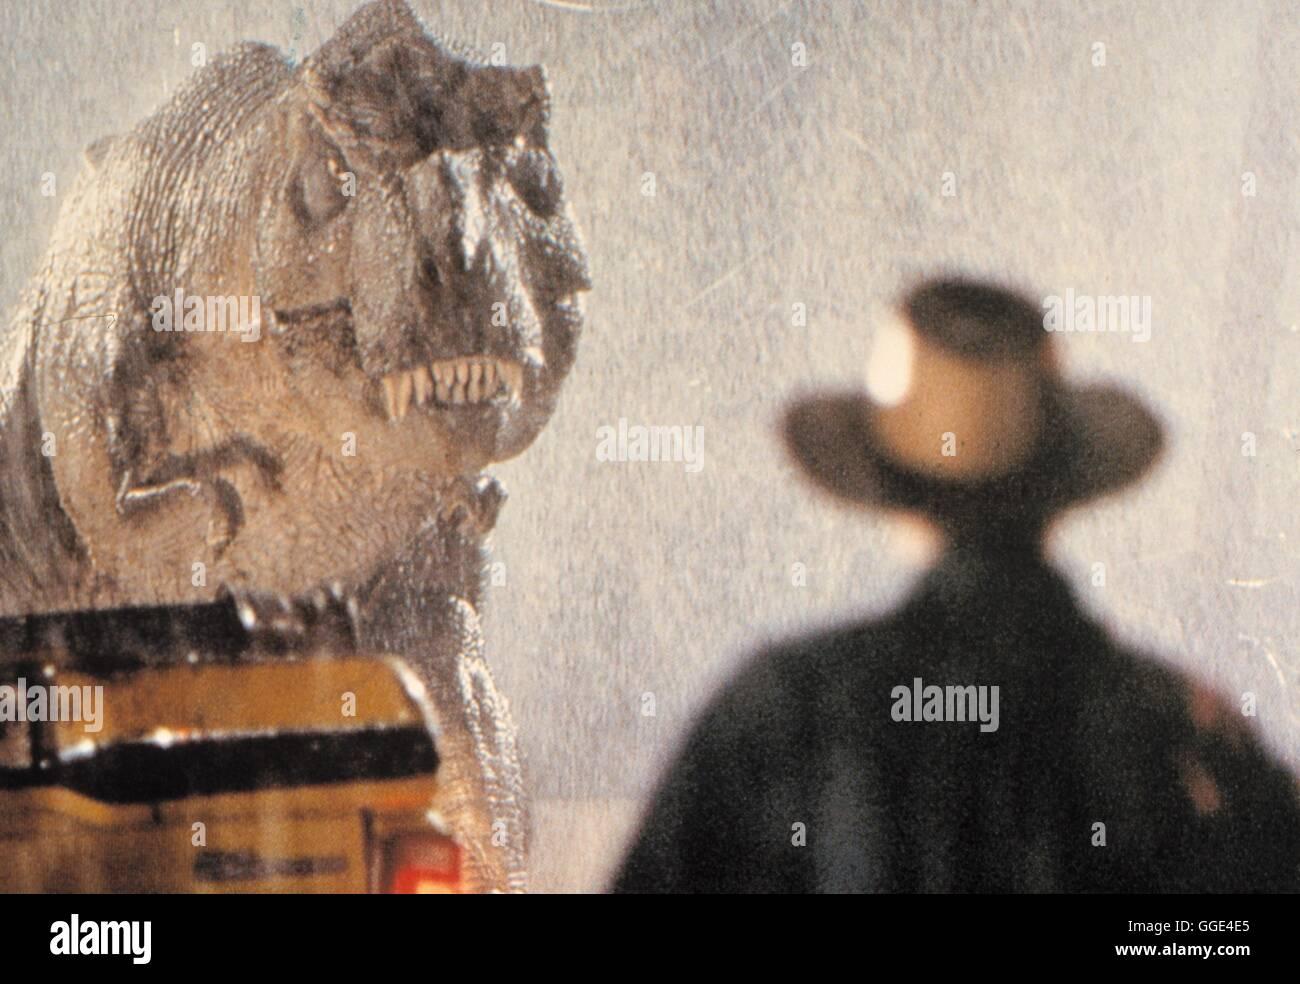 JURASSIC PARK / Jurassic Park USA 1993 / Steven Spielberg Filmszene aus ' Jurassic Park'